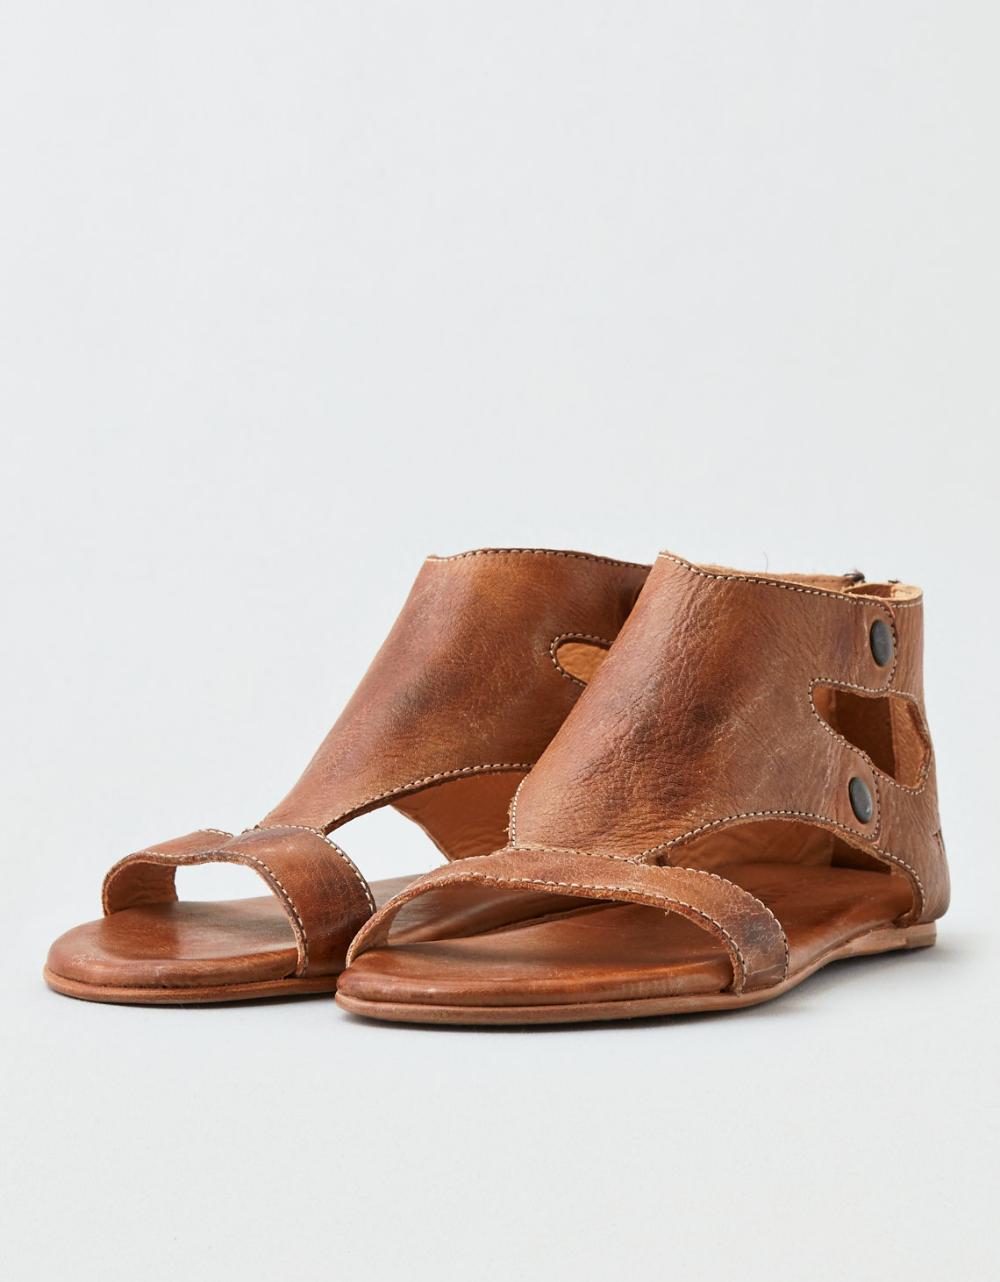 Bed Stu Soto Sandal Sandals, Shoes near me